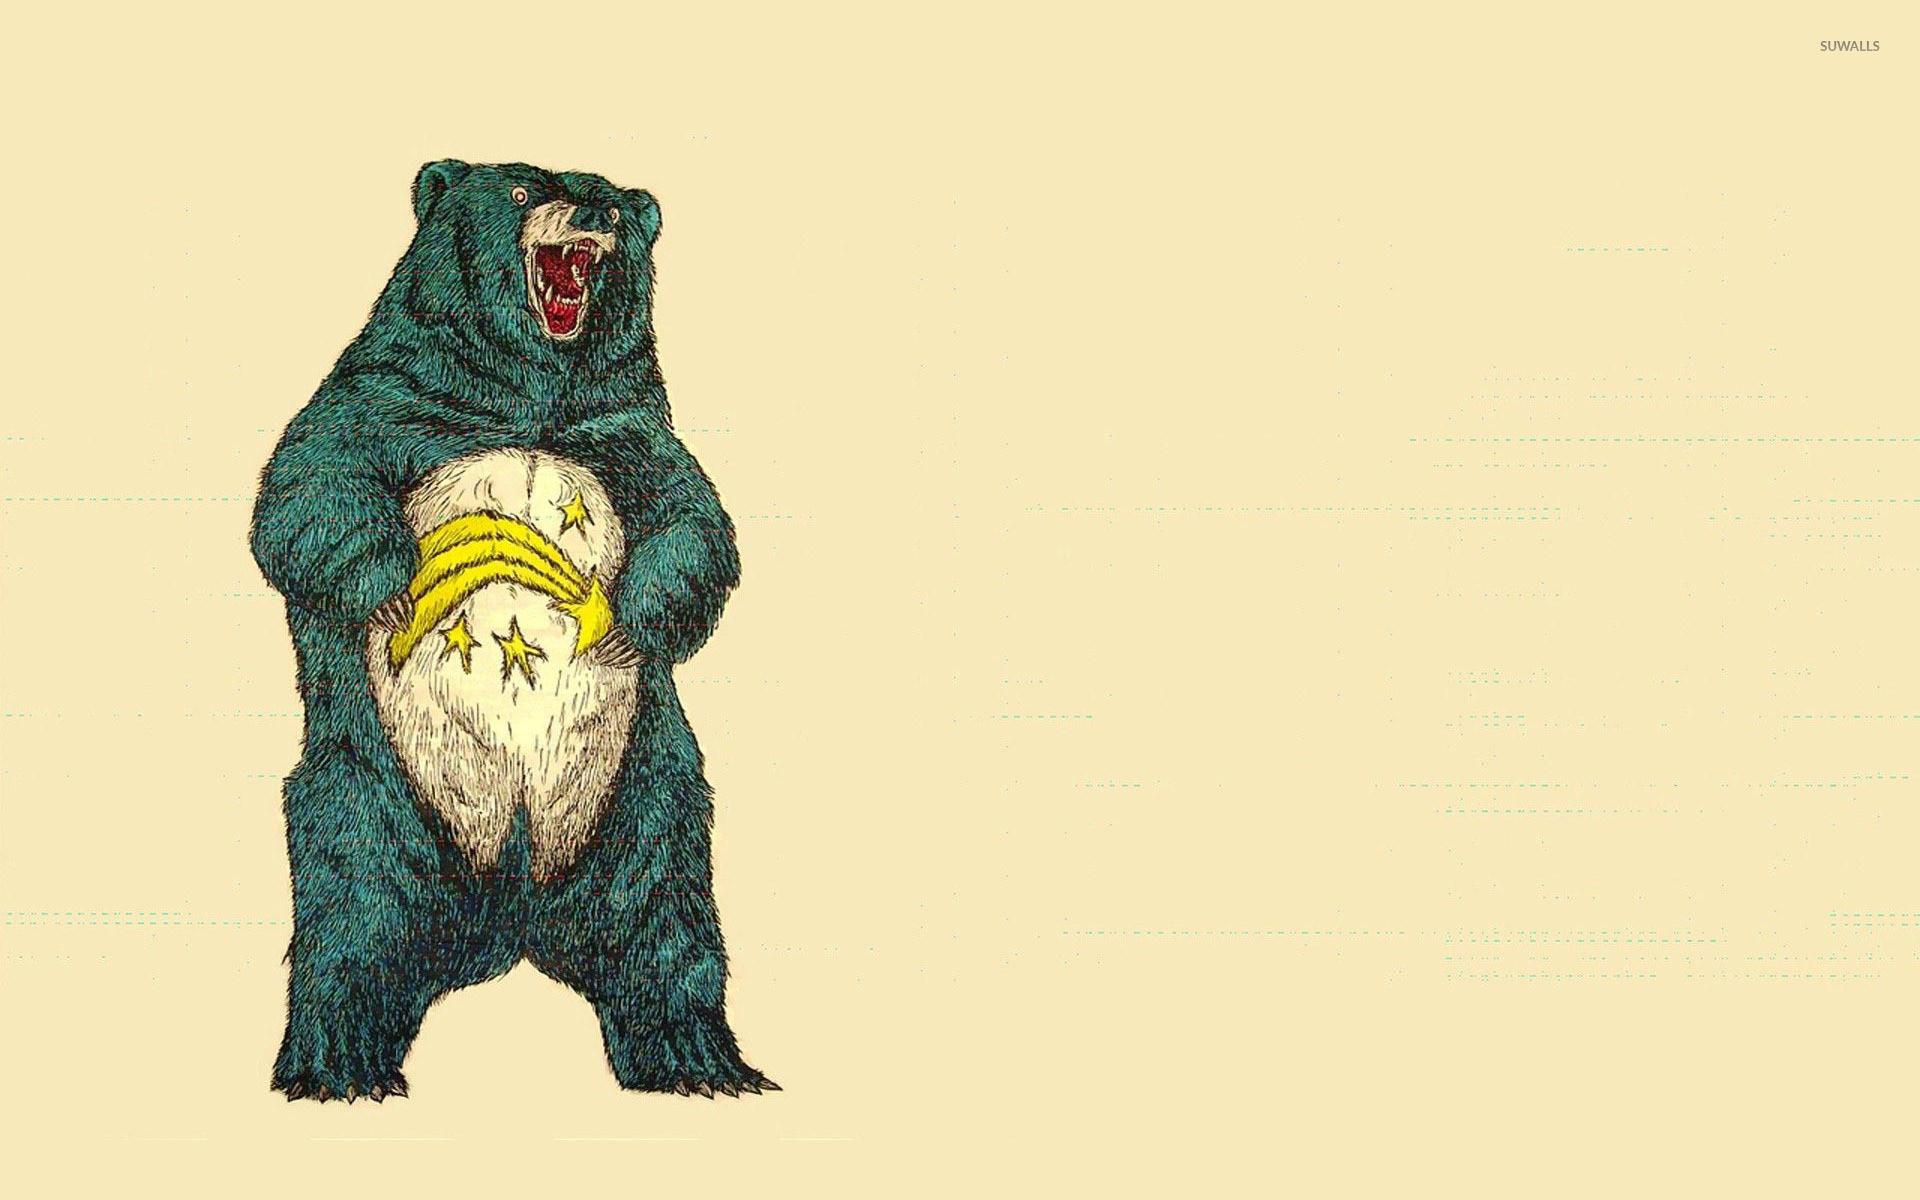 Care Bears Wallpaper 183 ① Wallpapertag